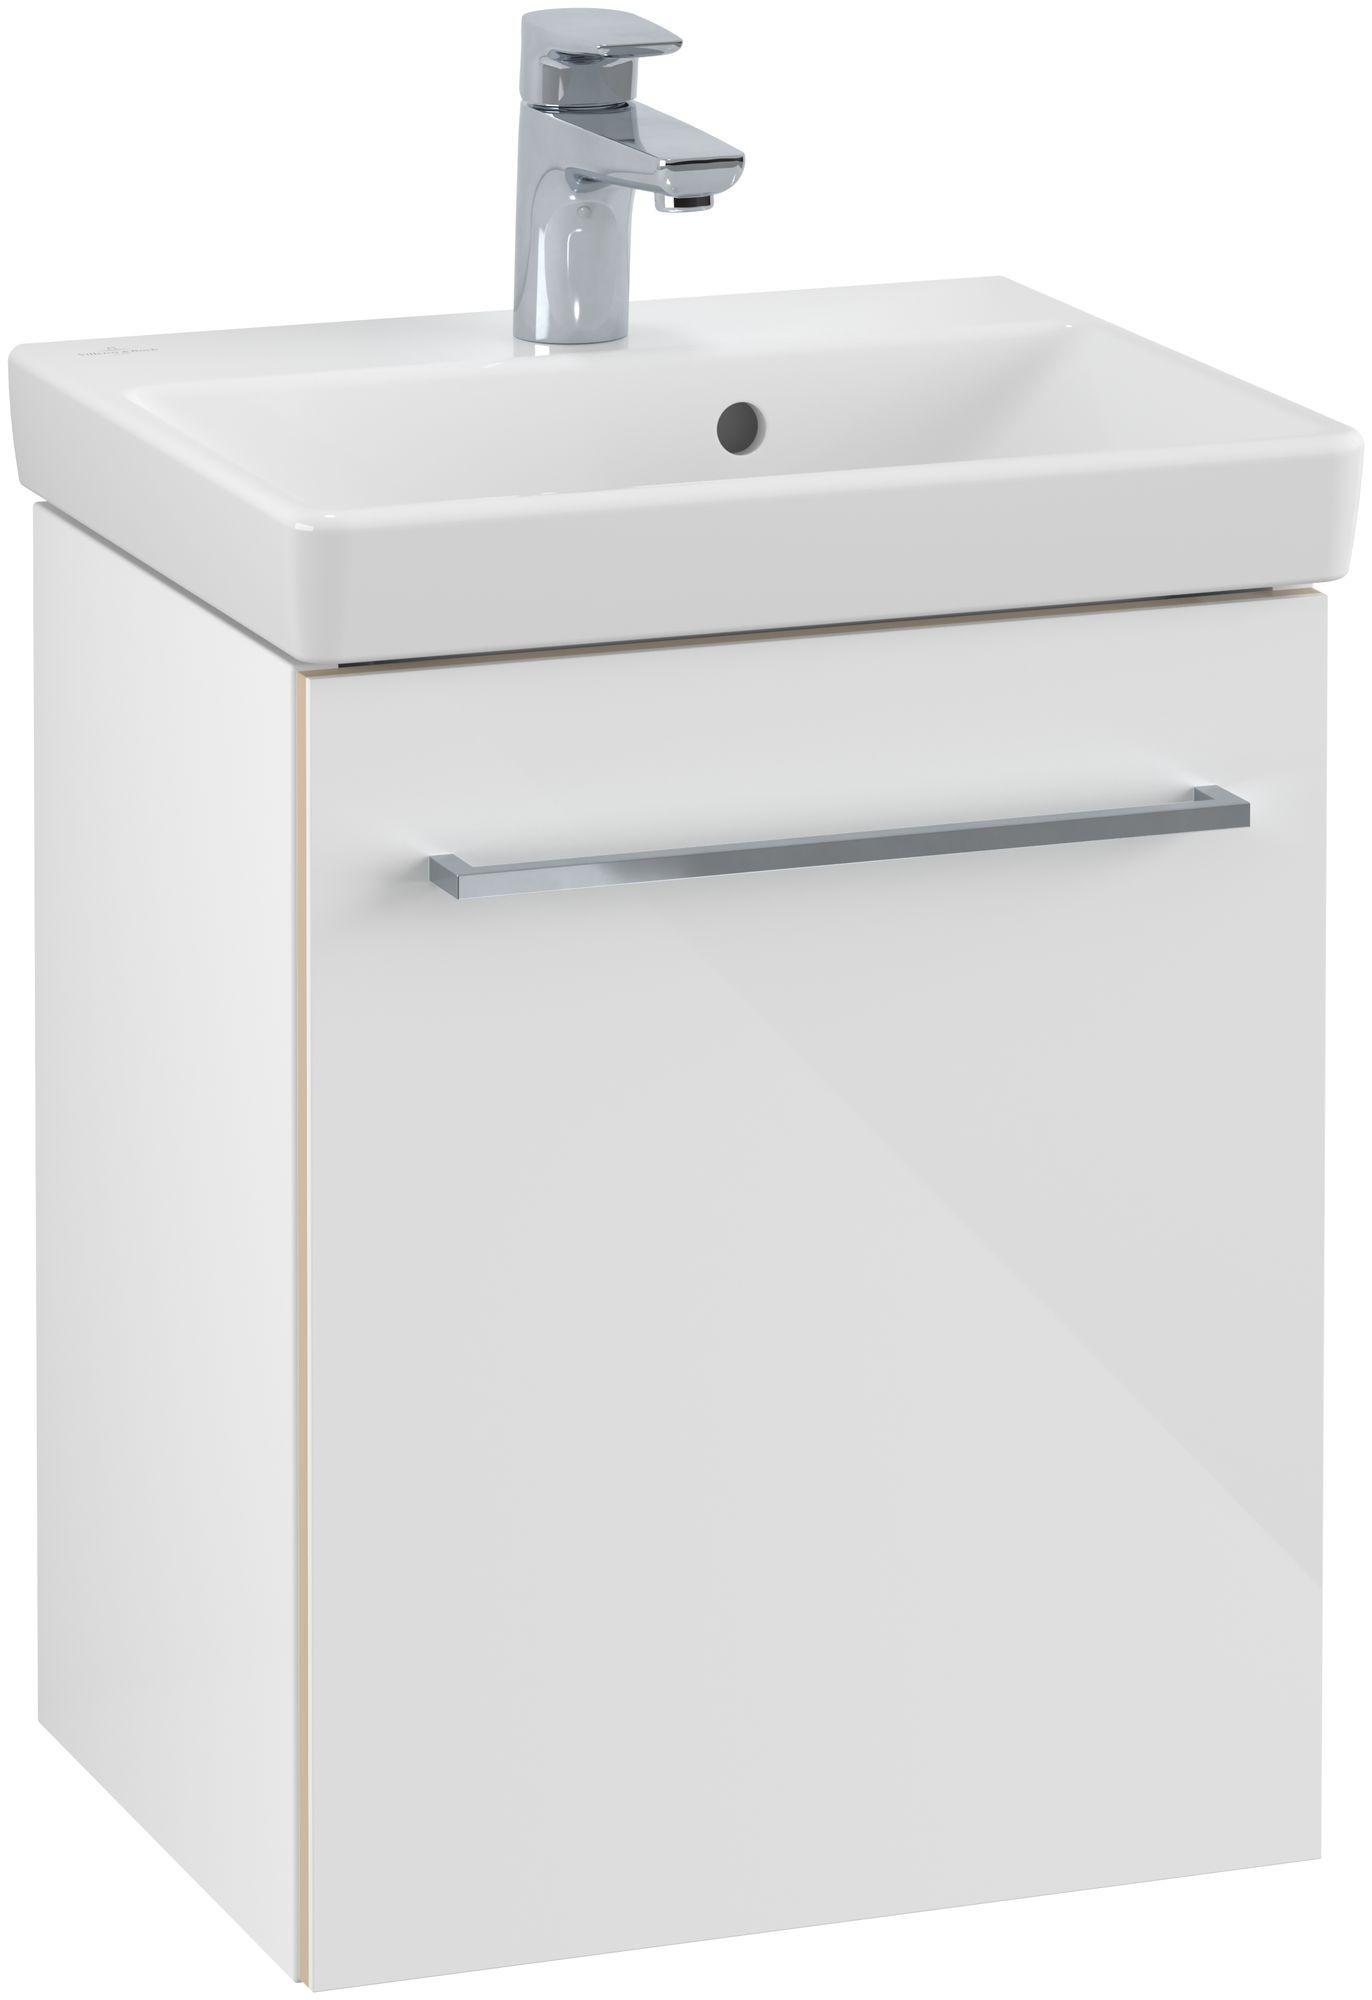 Villeroy & Boch Avento Waschtischunterschrank mit 1 Tür Türanschlag links B:41,7xH:52xT:34,6 cm crystal white A88700B4